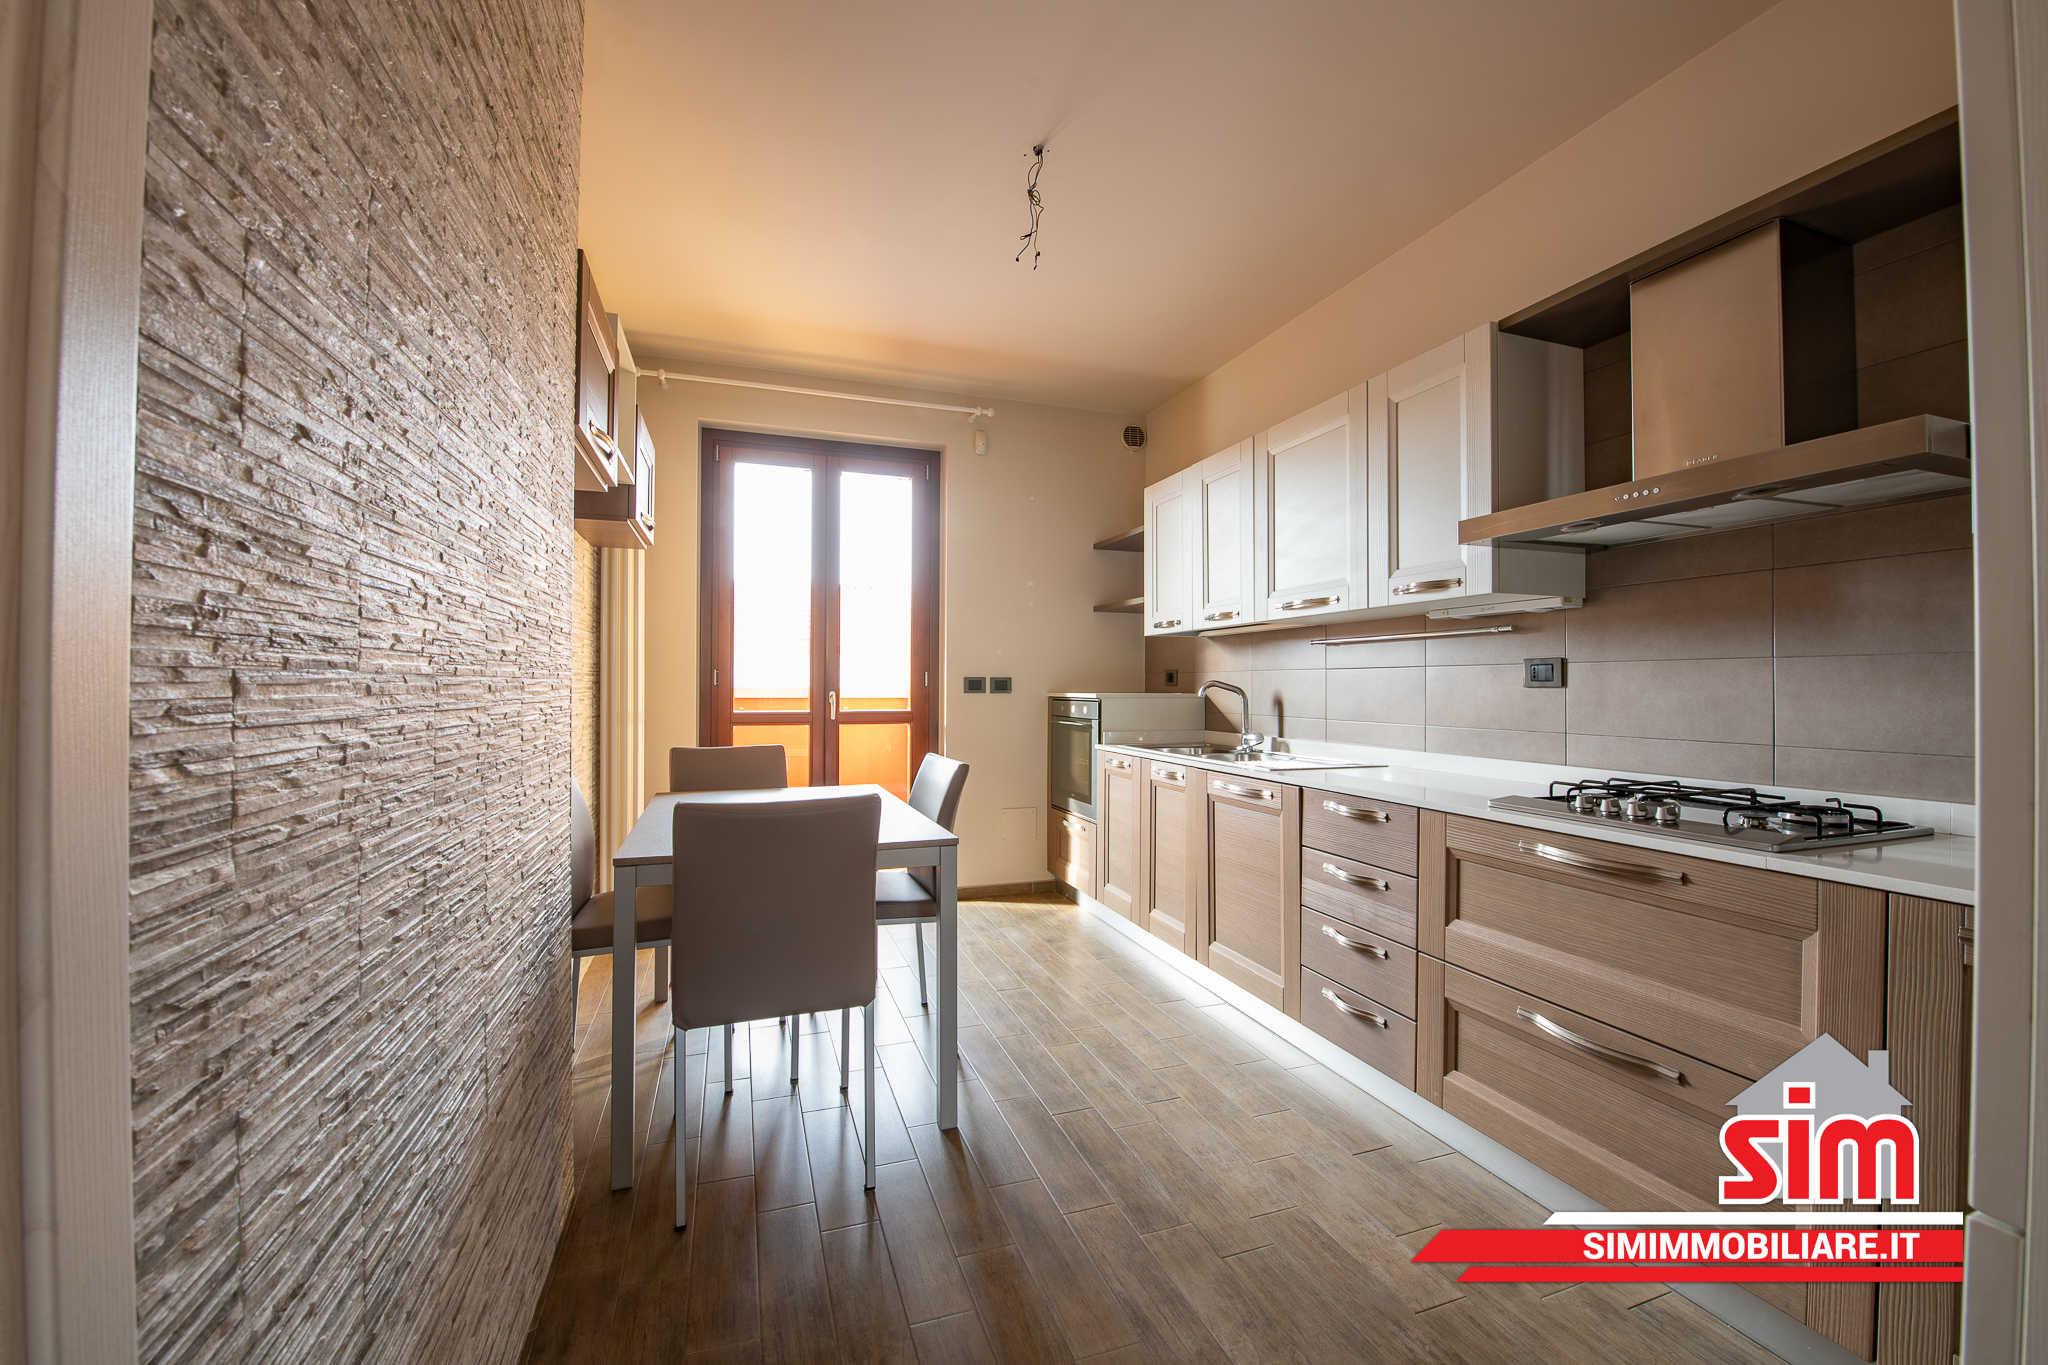 Comprare casa a Novara